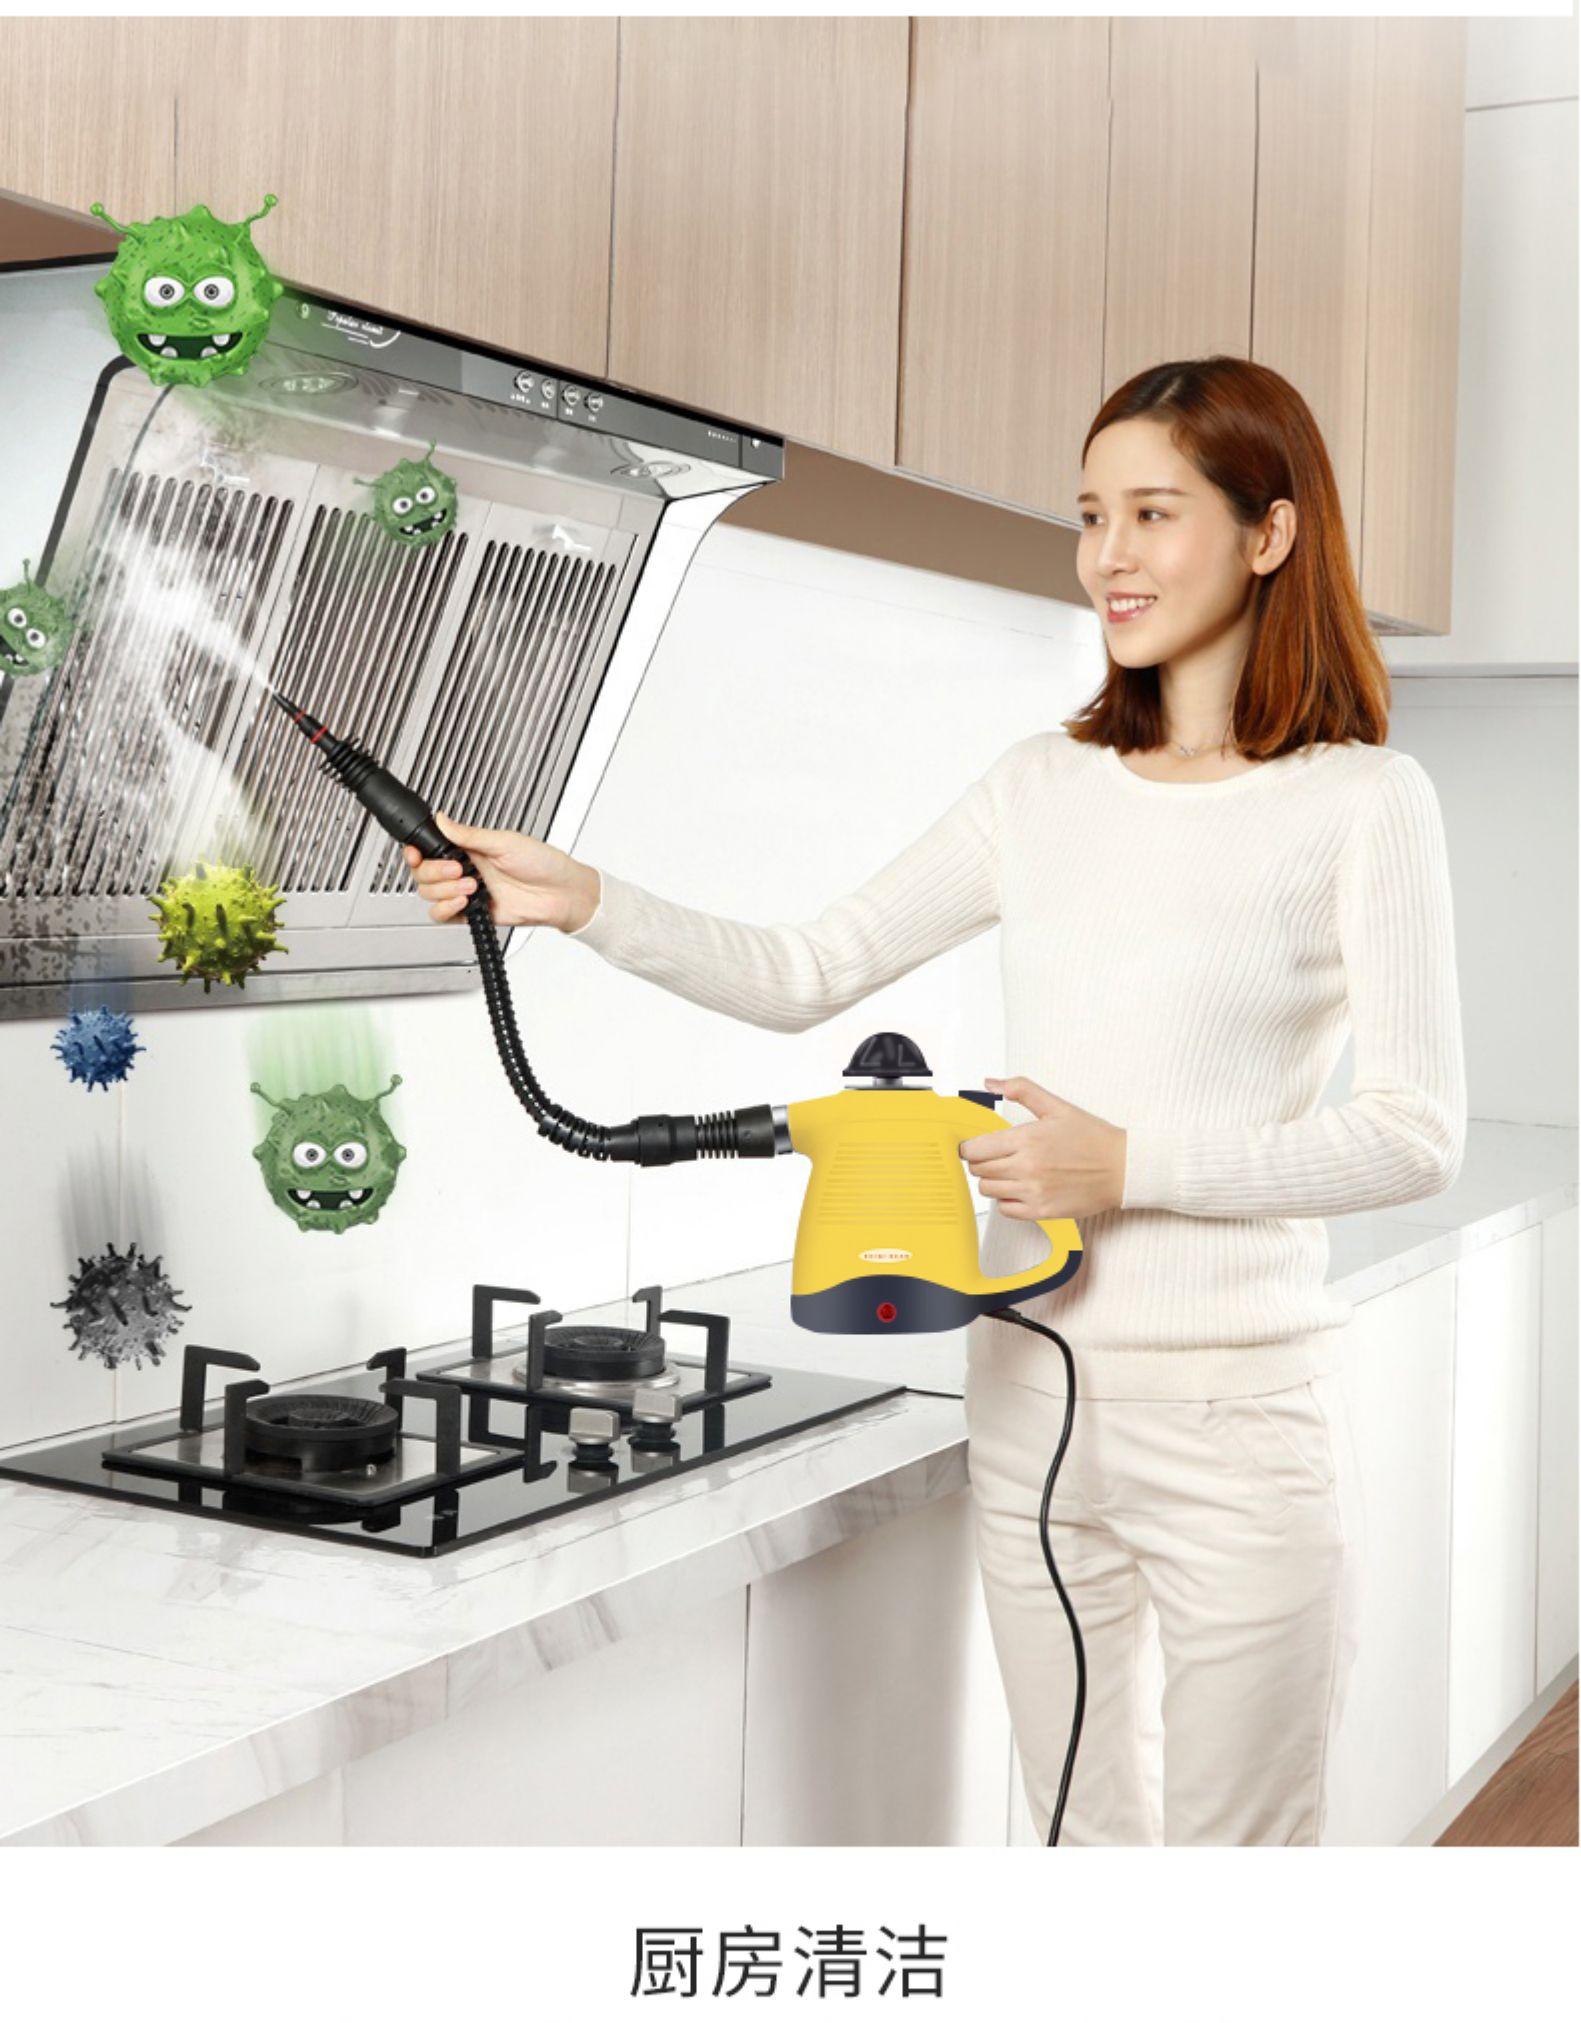 持平史低,除菌去油一步到位:贝奇熊 多功能手持高压高温蒸汽清洁机 99元包邮,带全套配件 买手党-买手聚集的地方